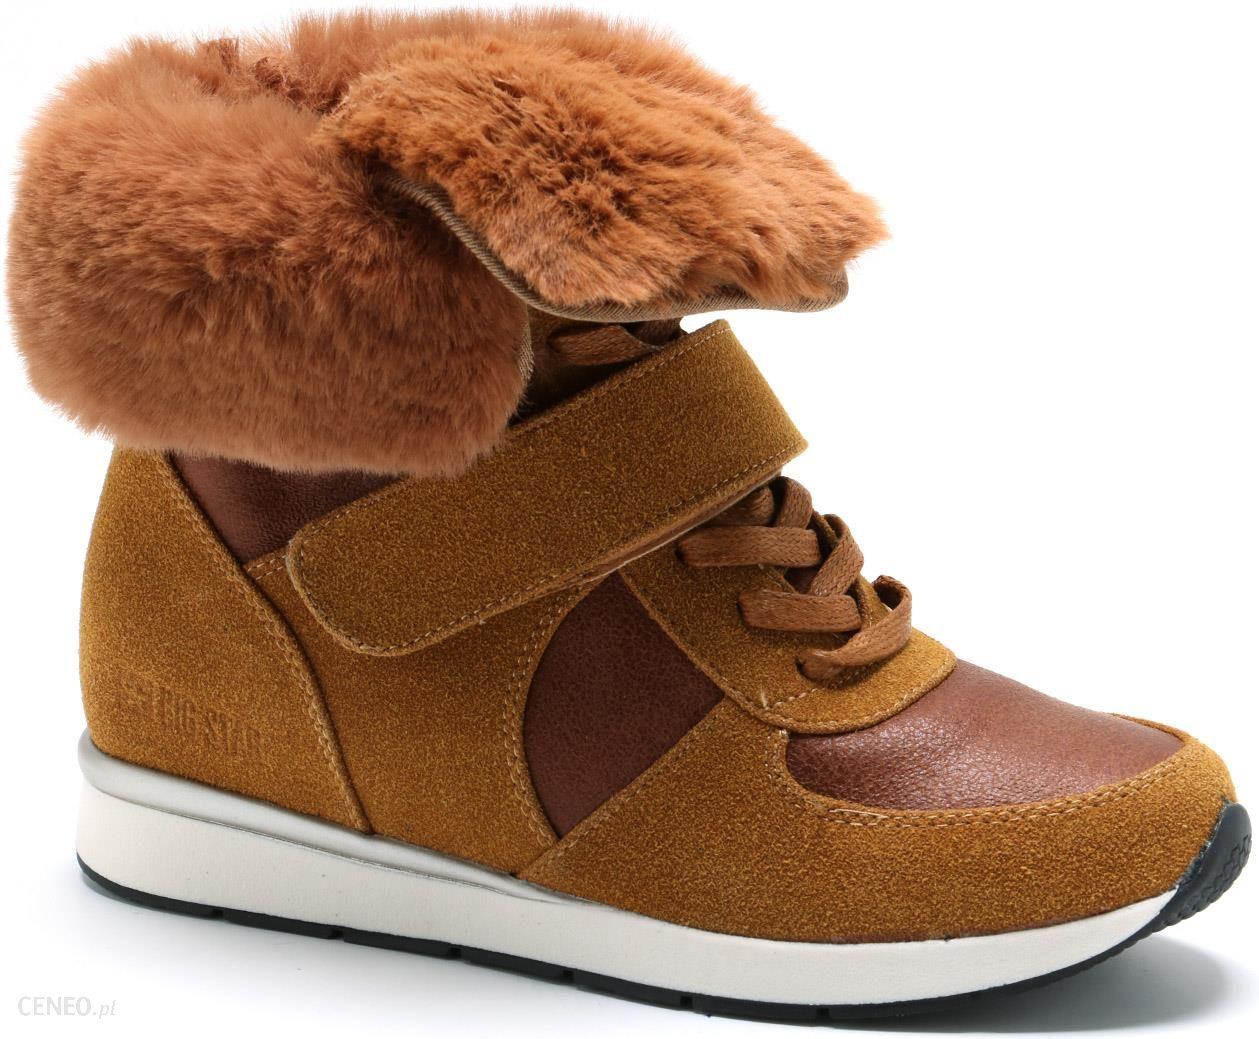 Sneakersy BIG STAR Y274274 Ceny i opinie Ceneo.pl